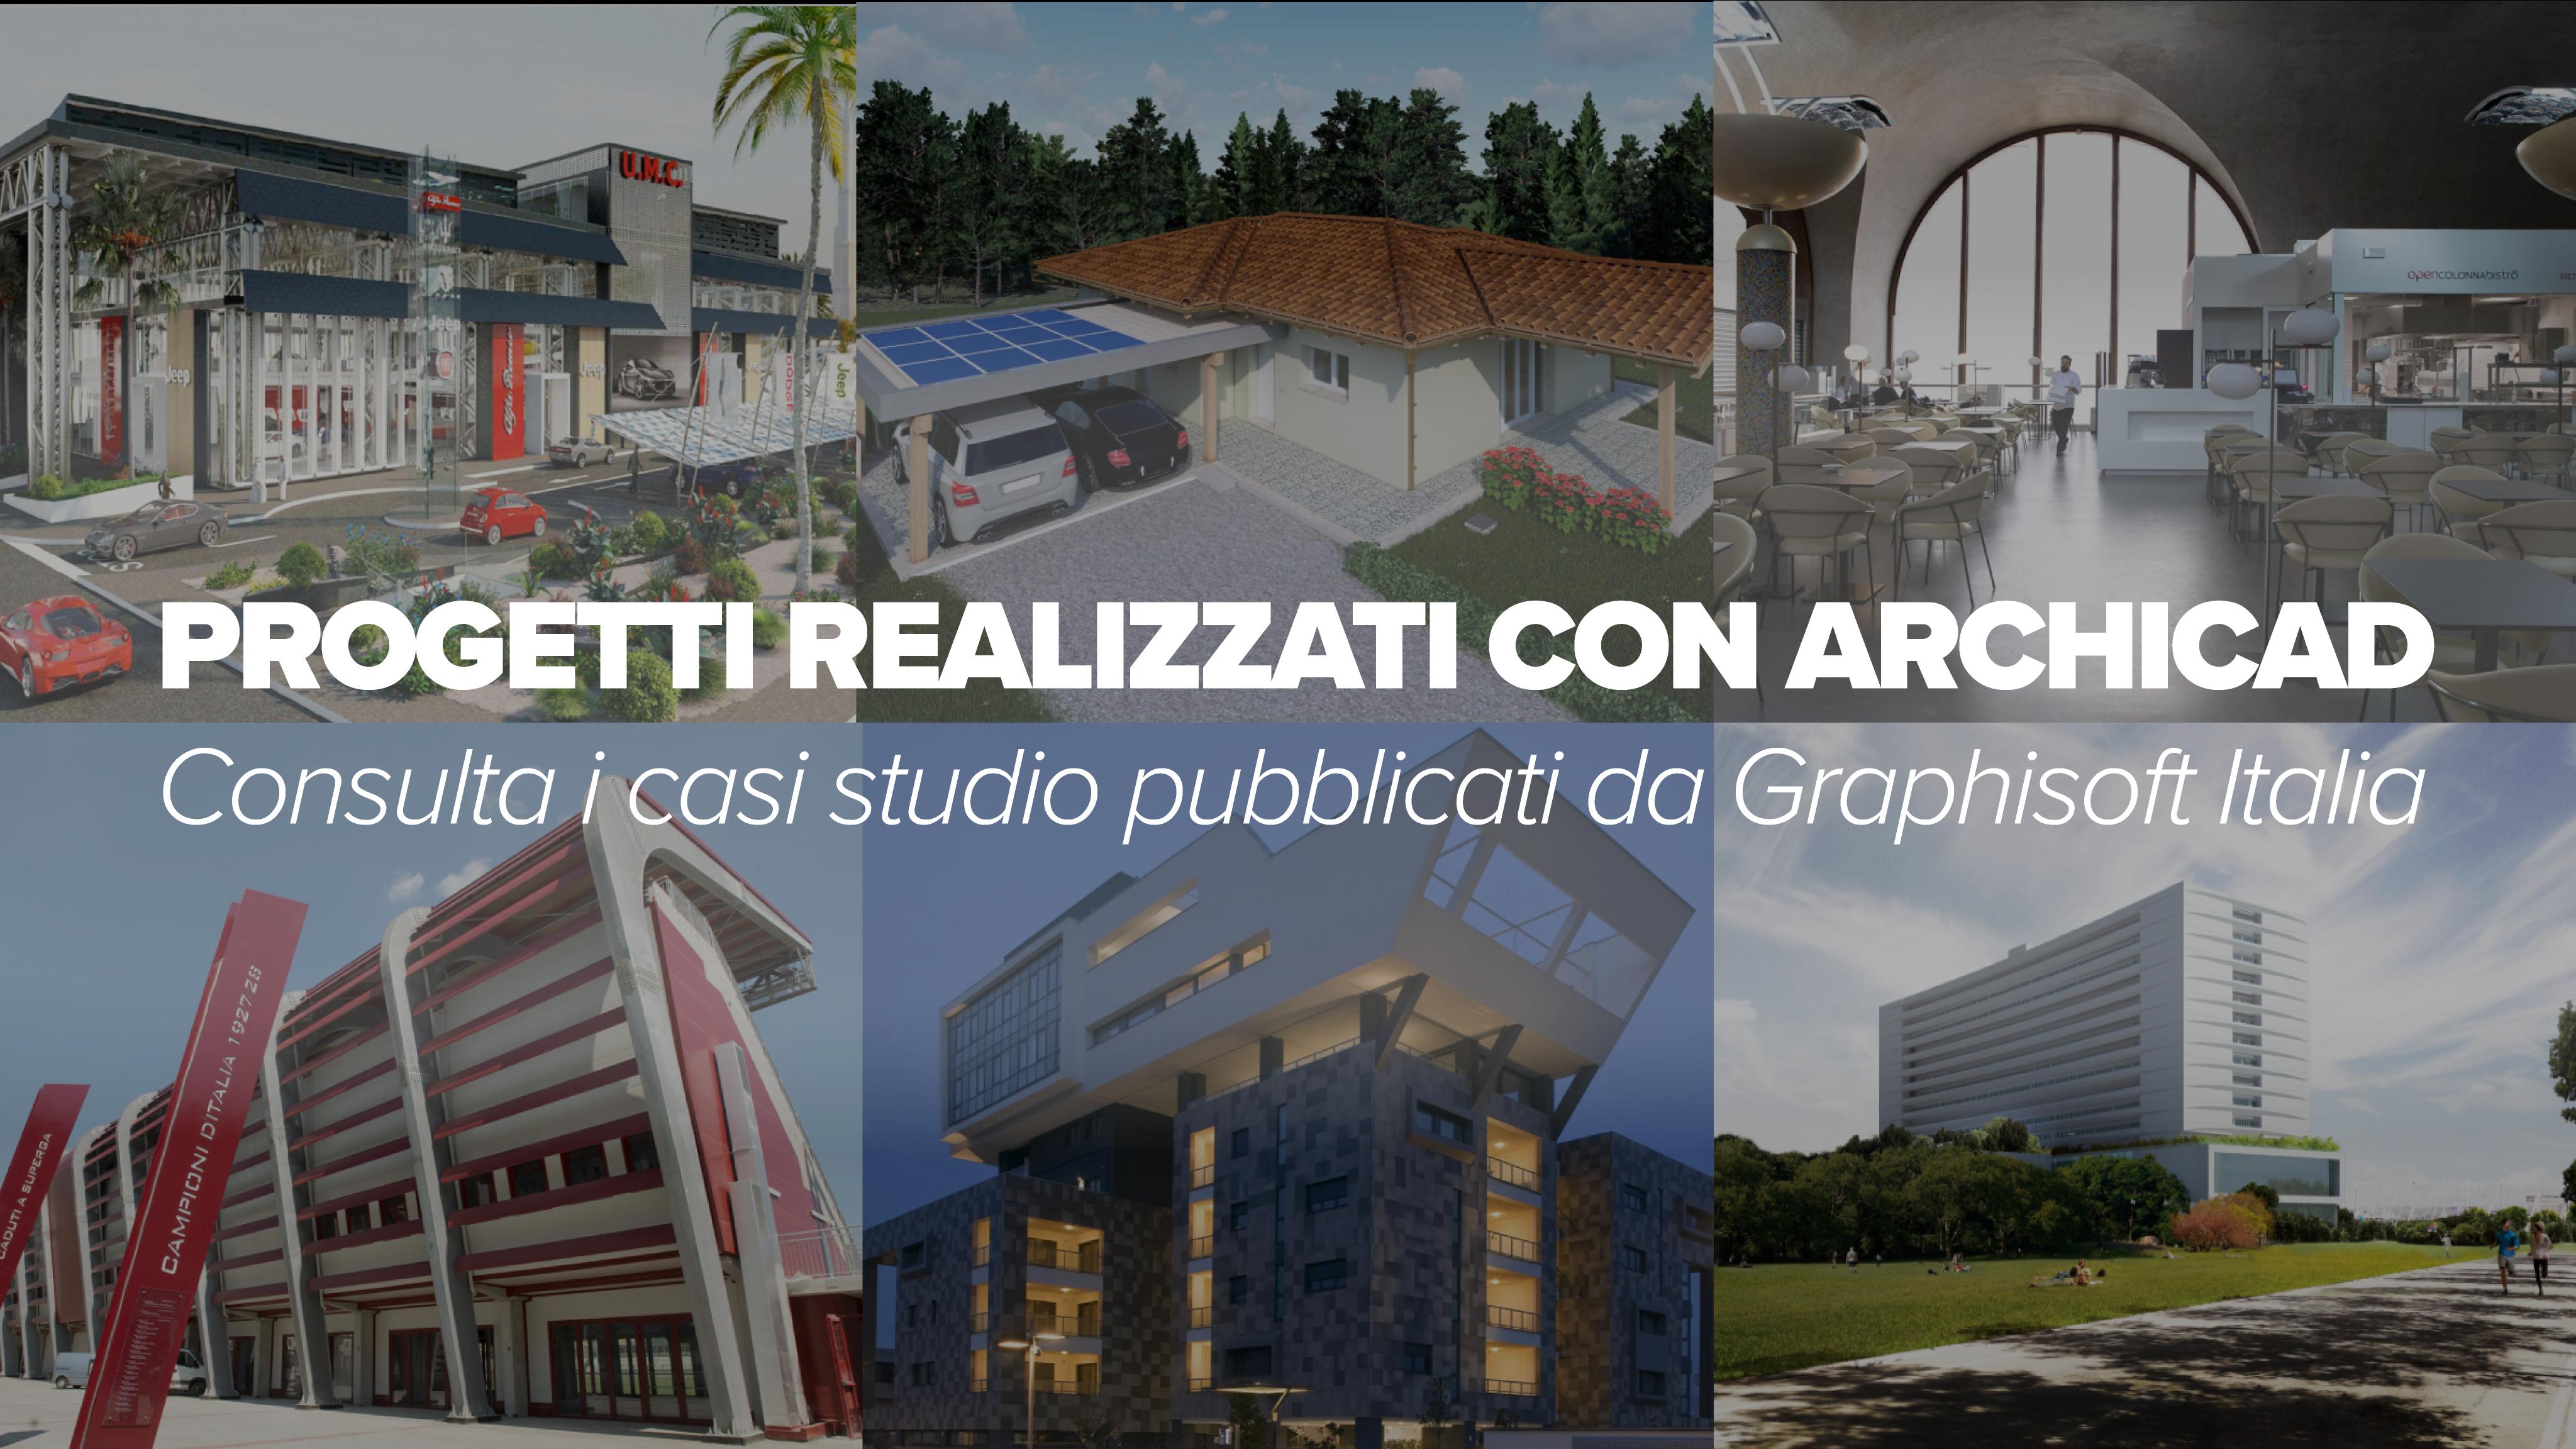 fatti con archicad - blog archicad - bim - progetti archicad - graphisoft italia - archicad - tecno 3d - casi studio